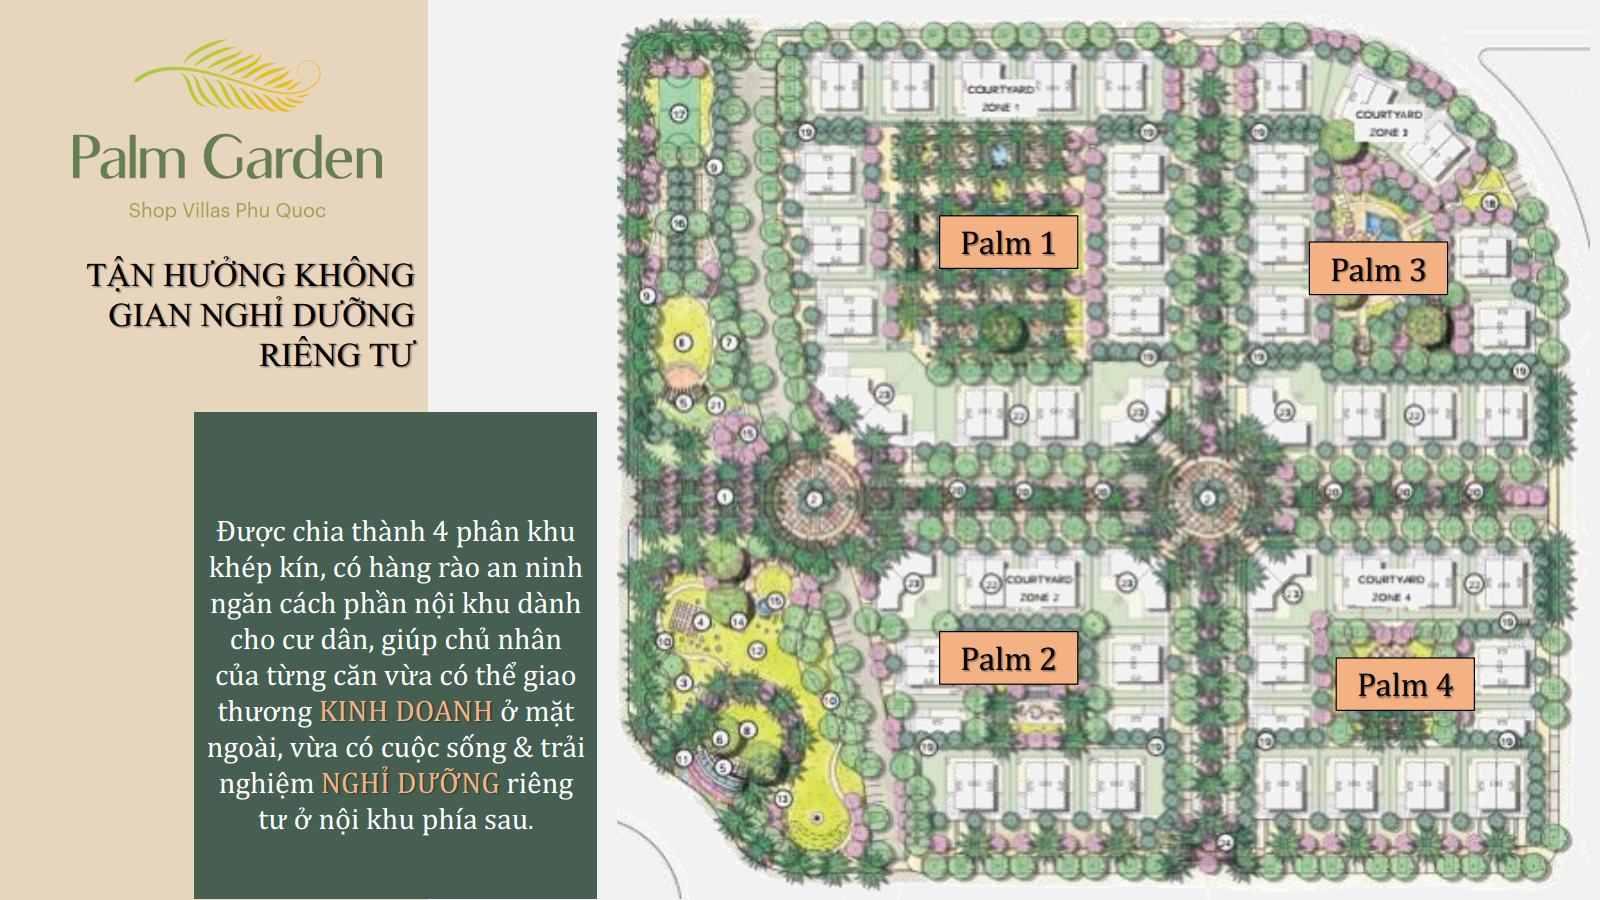 4 phan khu palm garden phu quoc